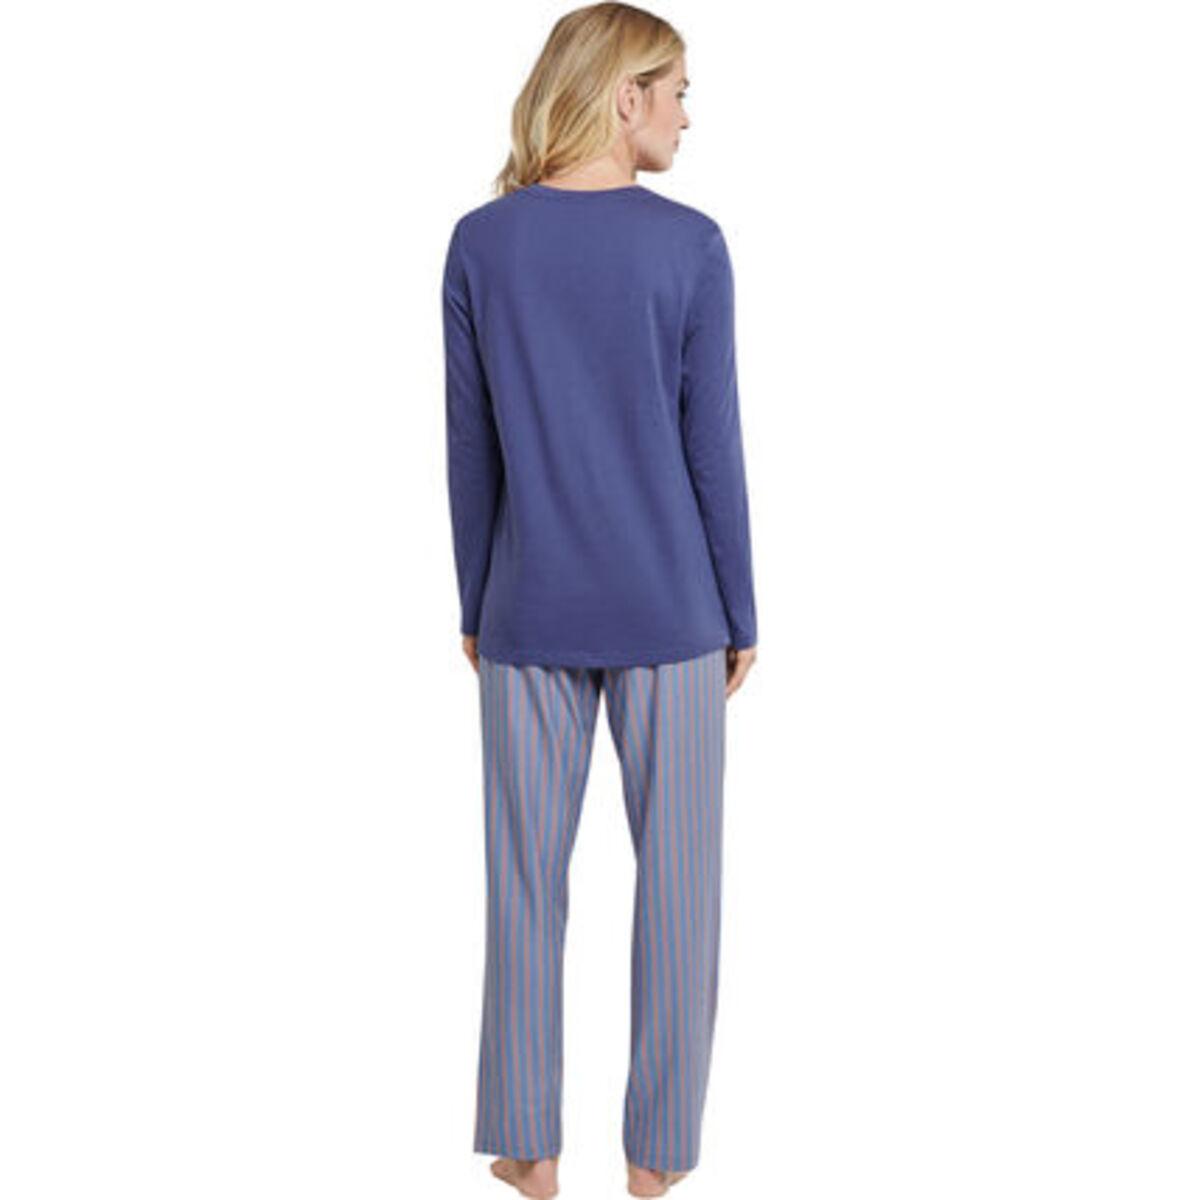 Bild 2 von Schiesser Schlafanzug, lang, Knopfleiste, für Damen